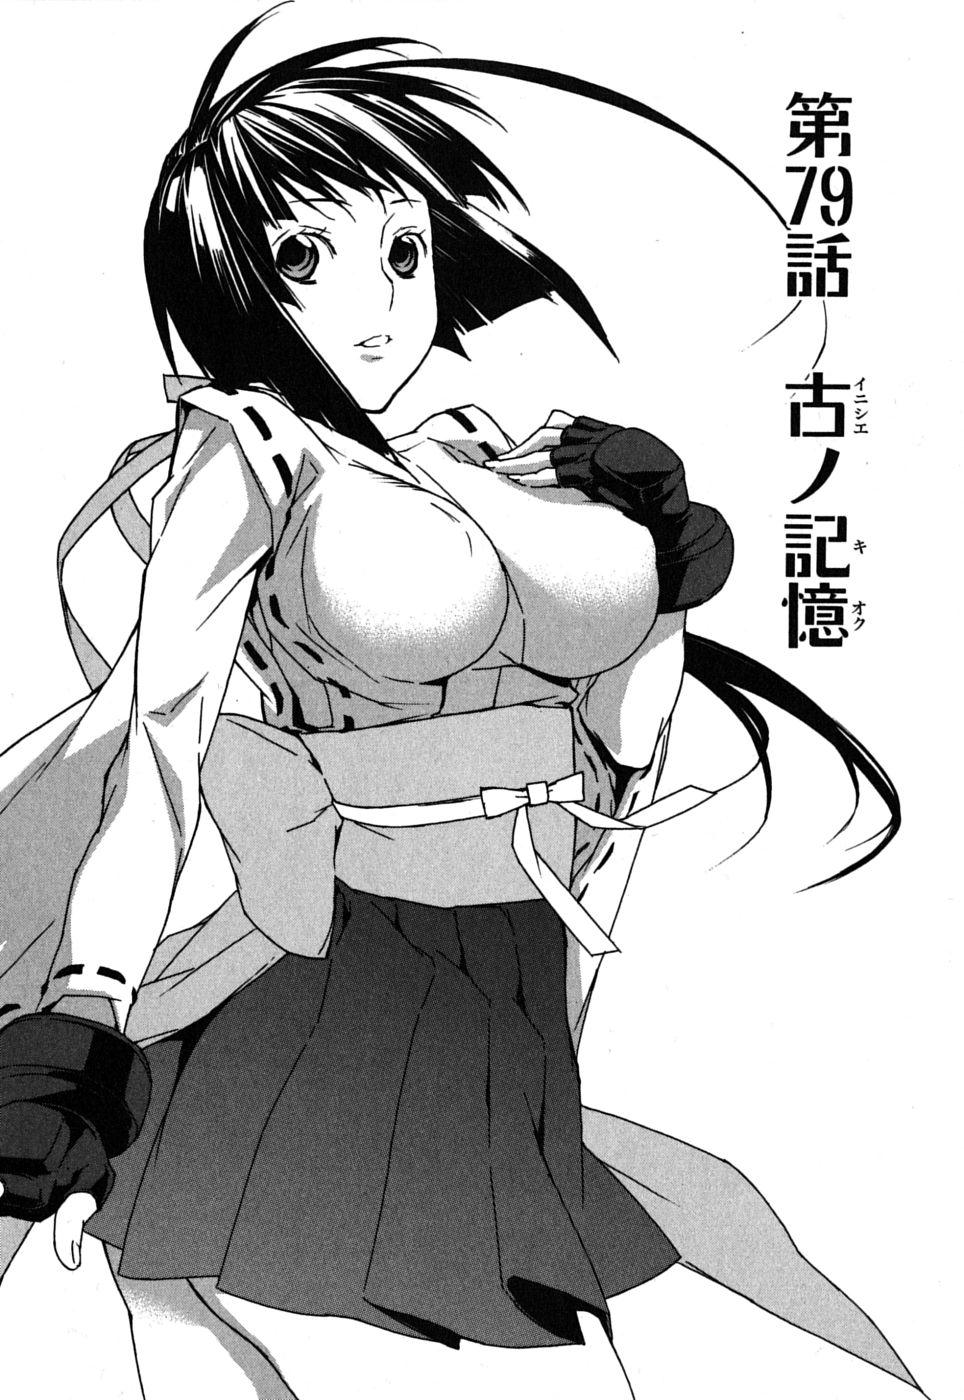 Sekirei manga chapter 079.jpg